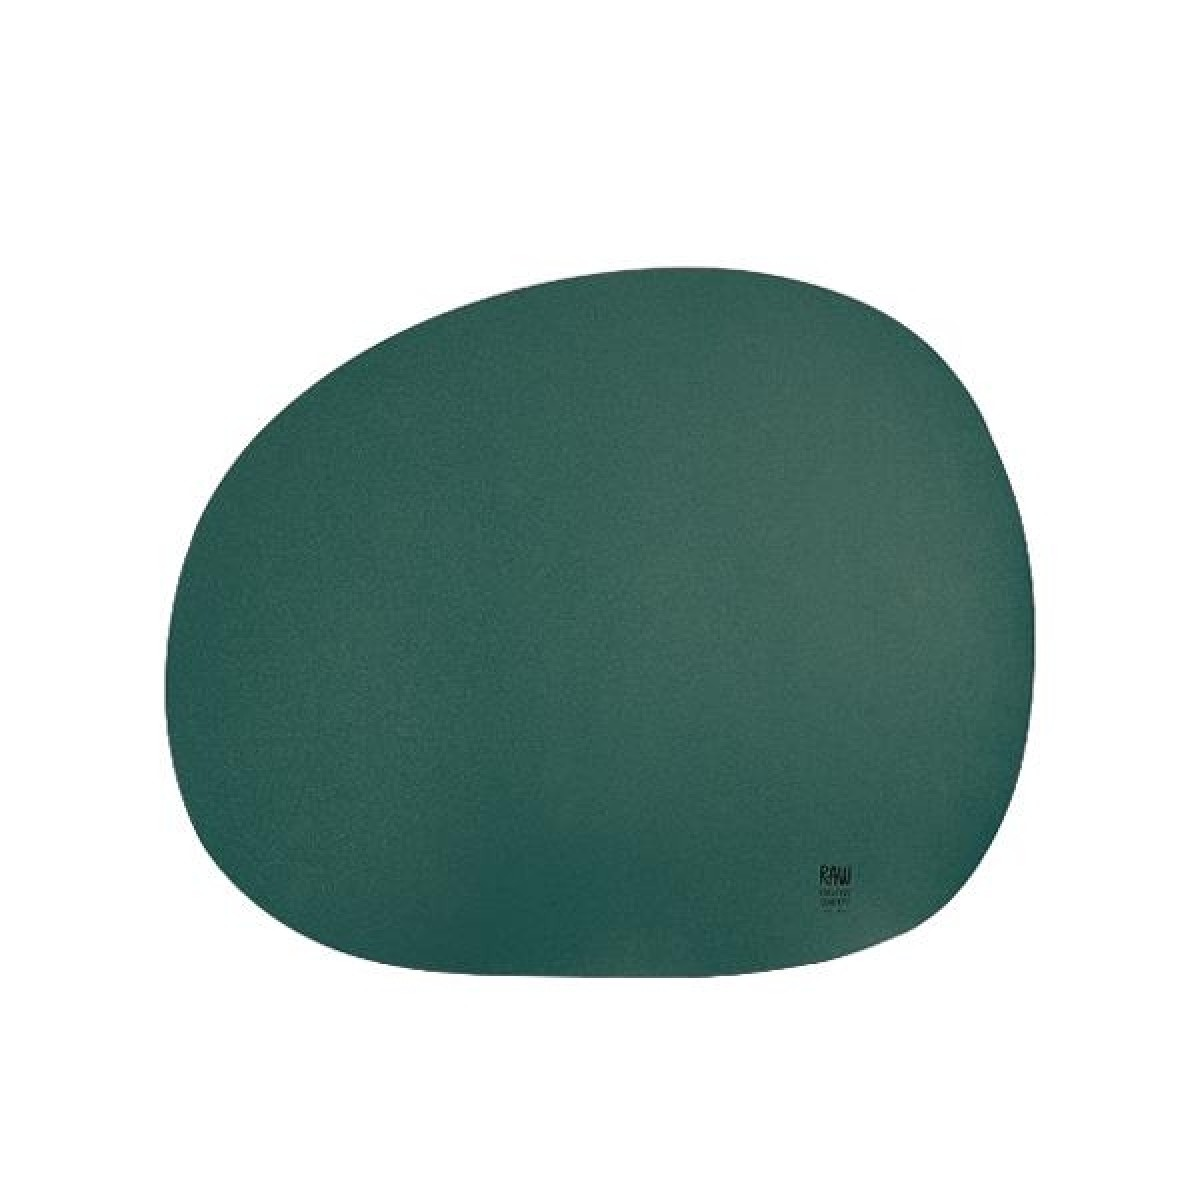 AIDA Raw dækkeserviet mørk grøn